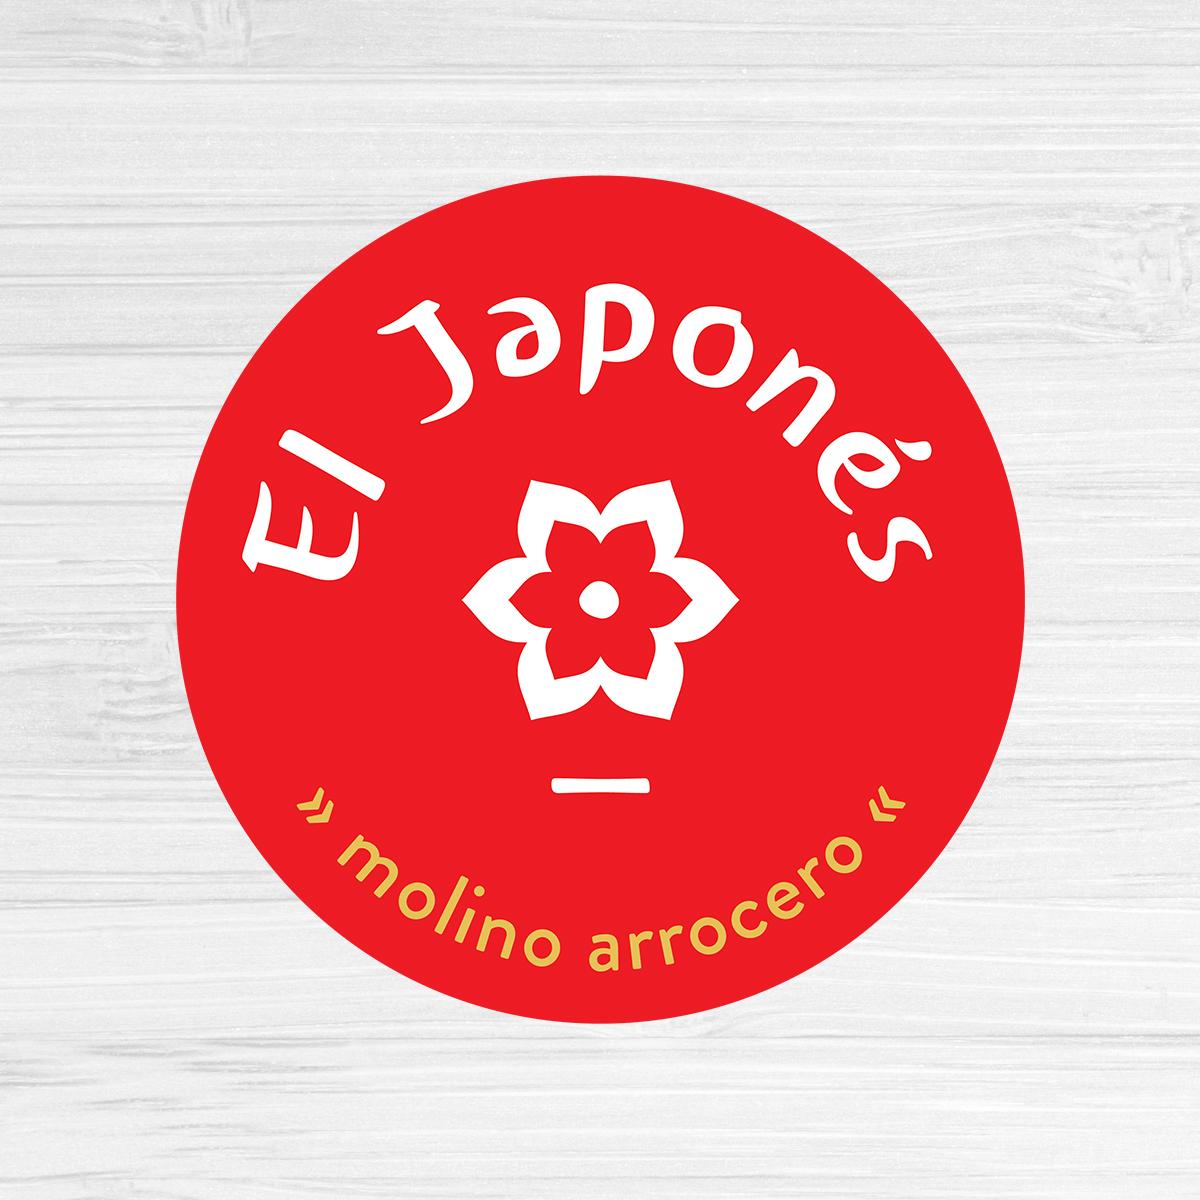 Arroz_Japones_Logo_home.jpg